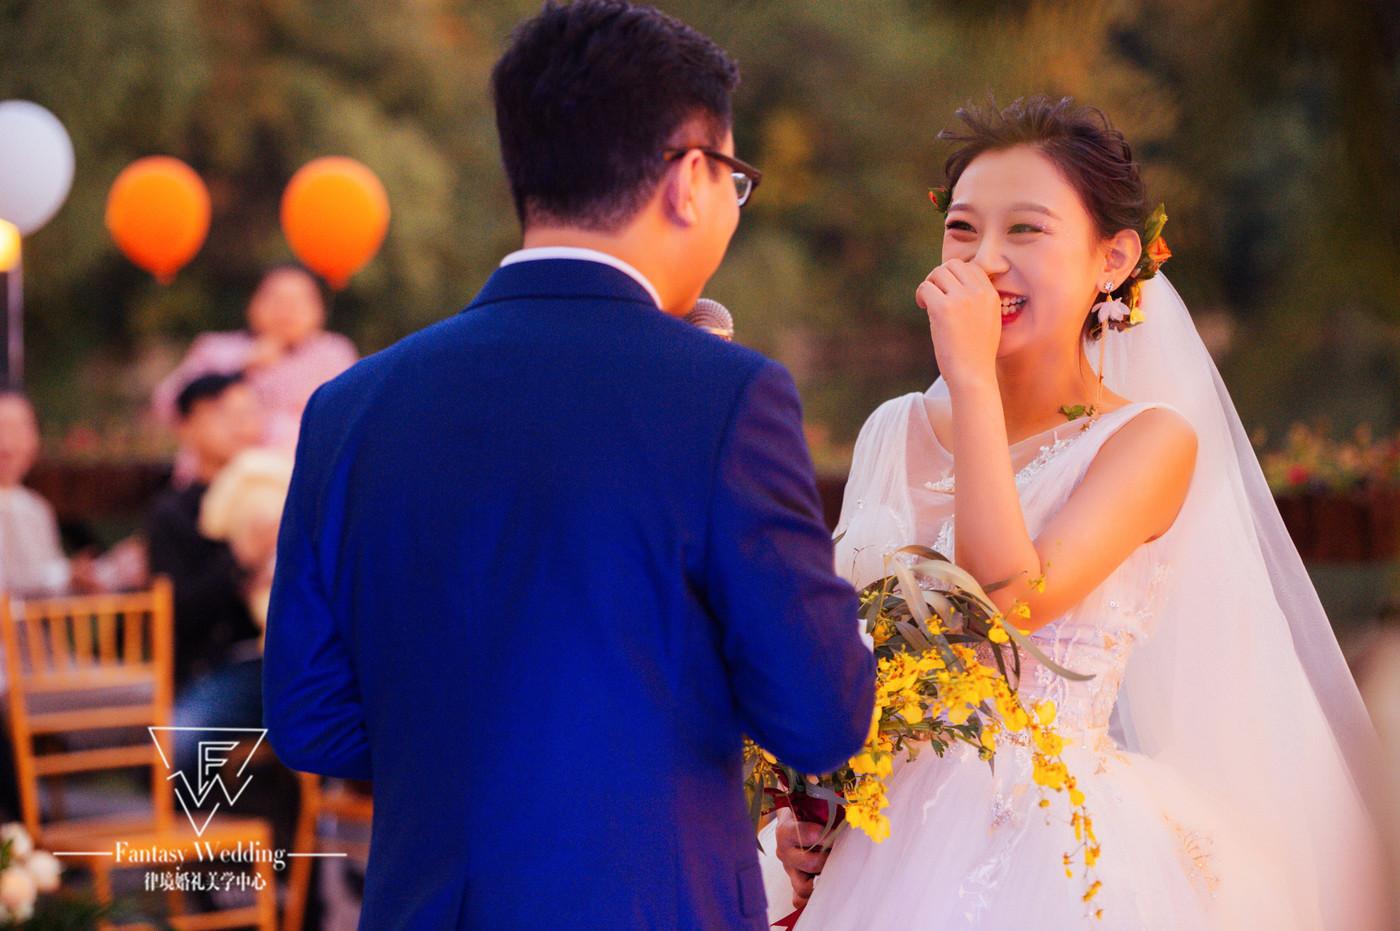 「律境婚礼」 格格^栈桥户外24